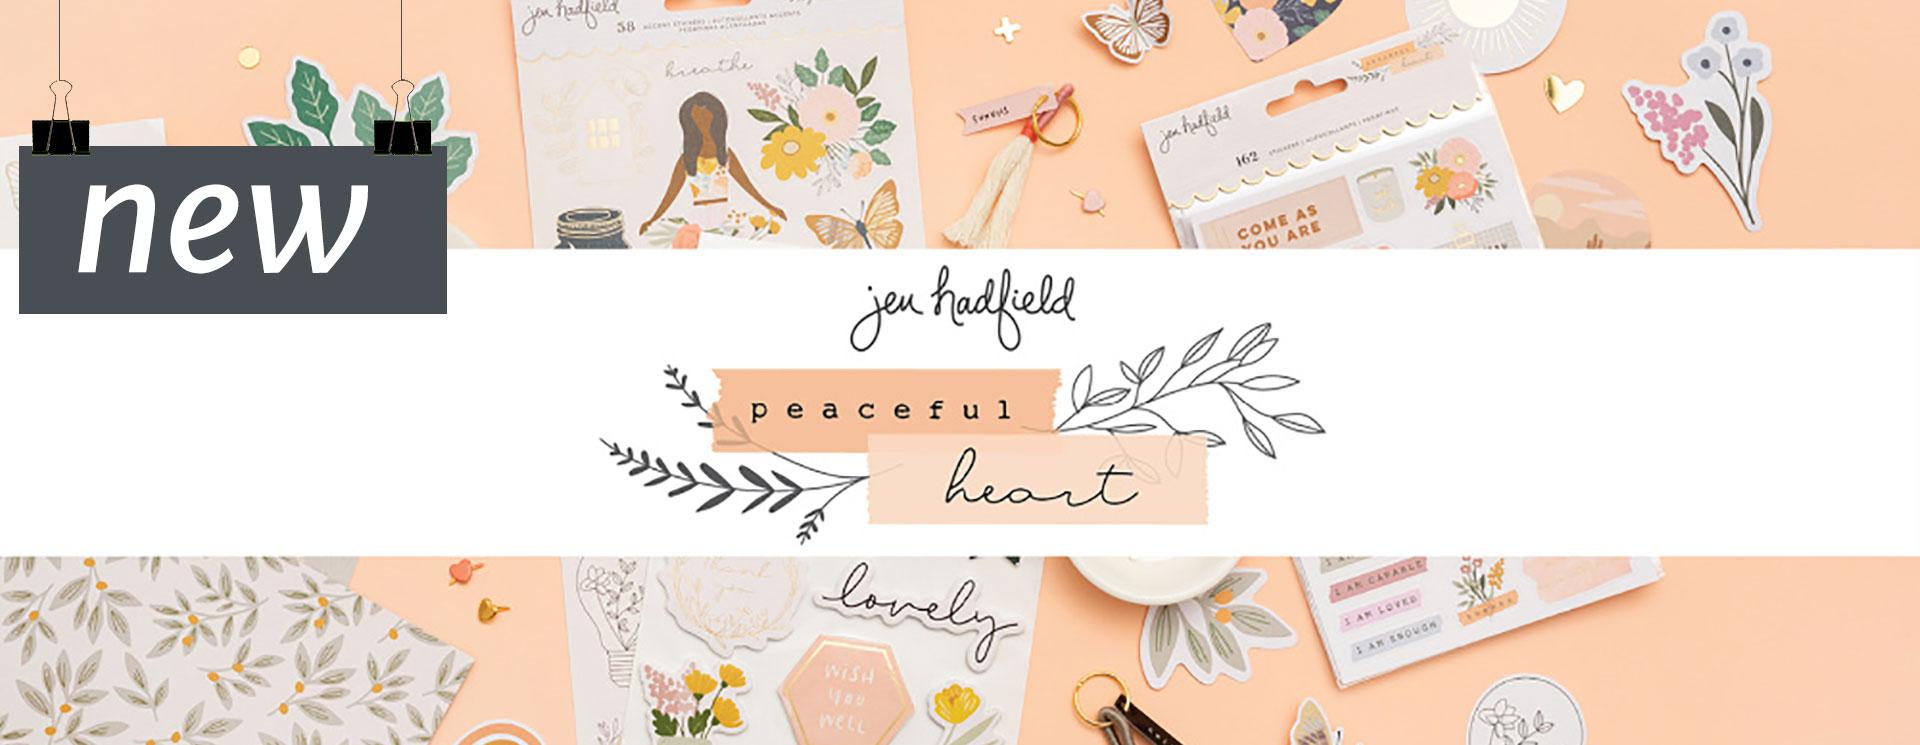 Jen Hadfield Peaceful Heart